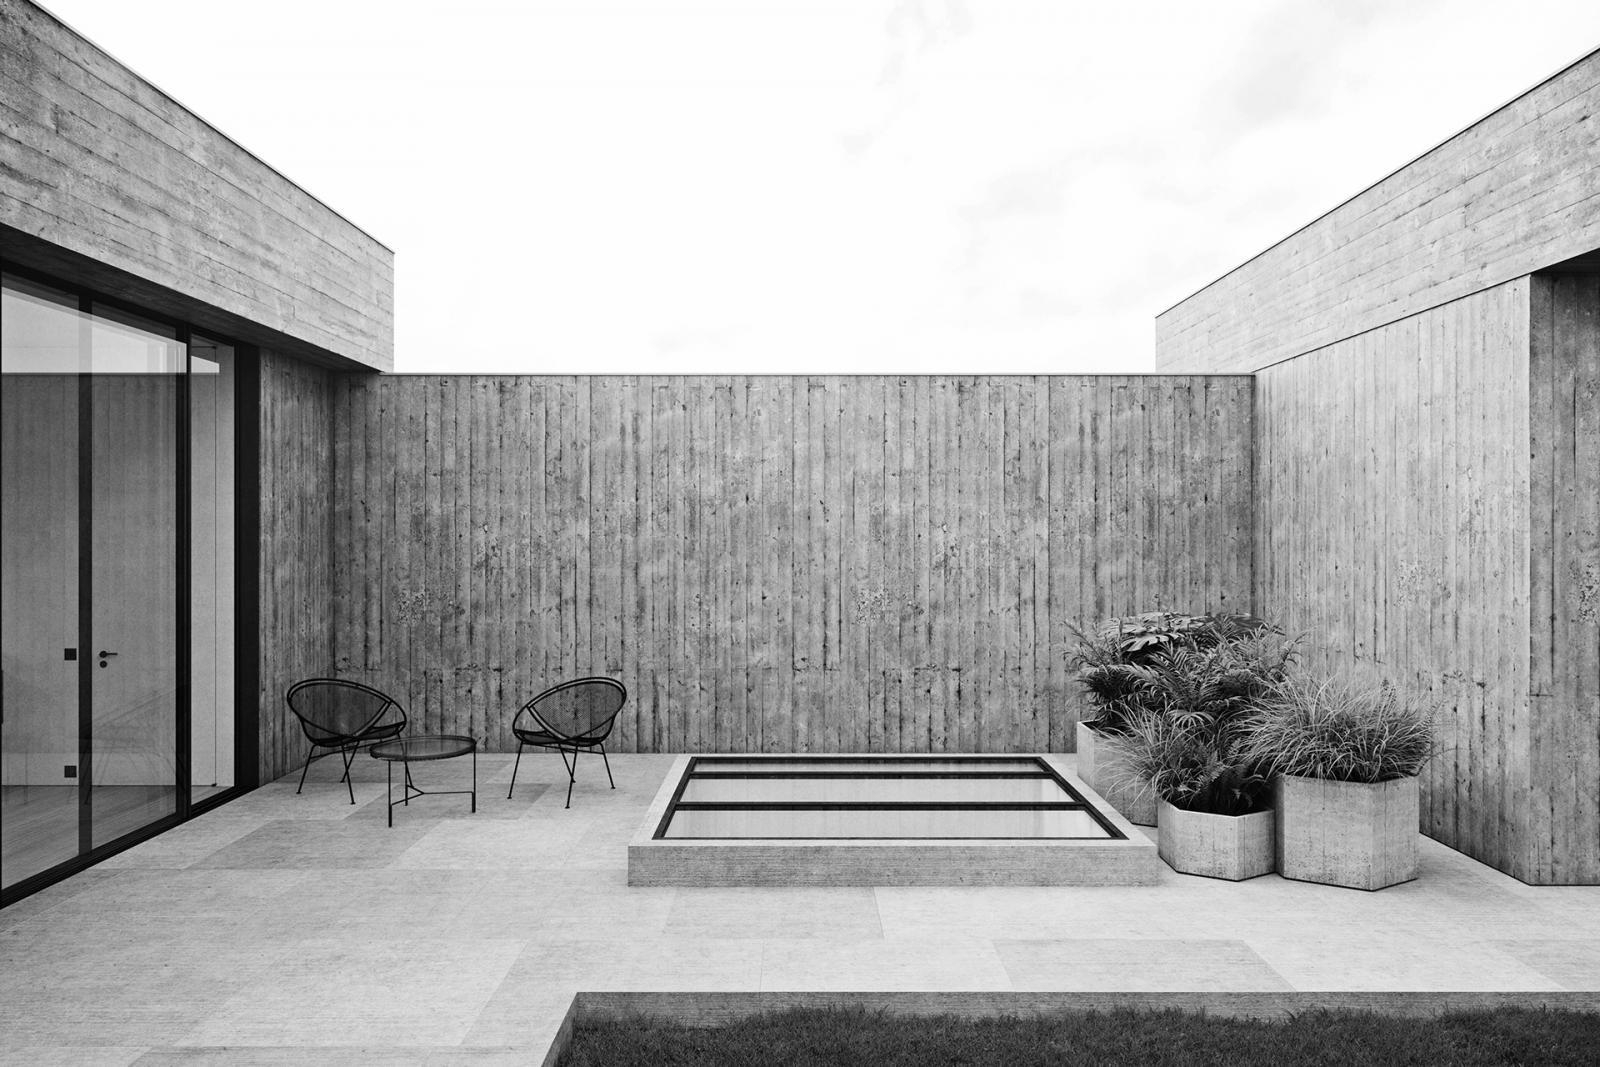 Николас Шхаубрук: бетонный пентхаус в Антверпене